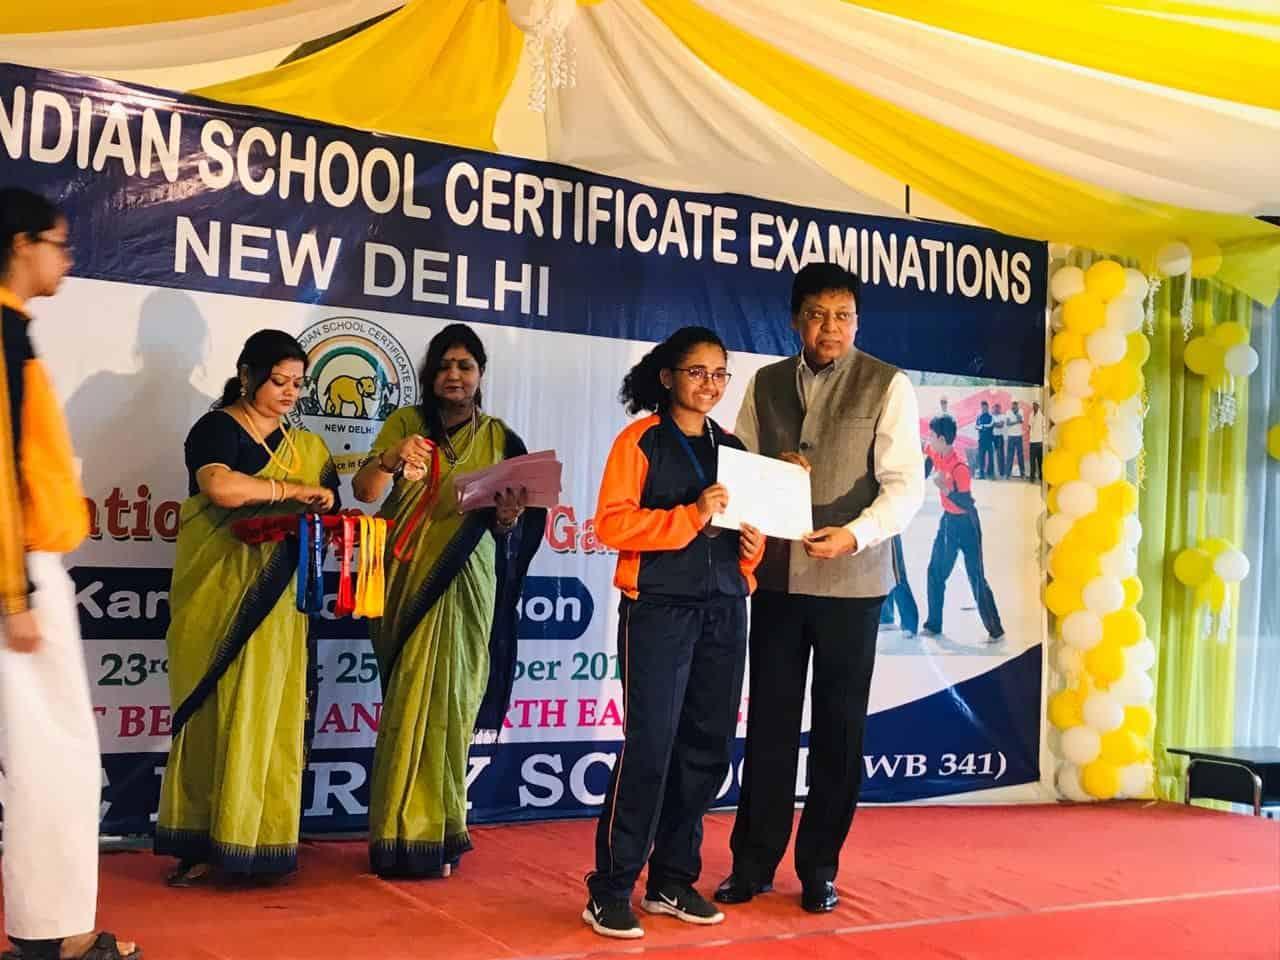 Miss Adhya Shetty: Bronze Karate National Champion